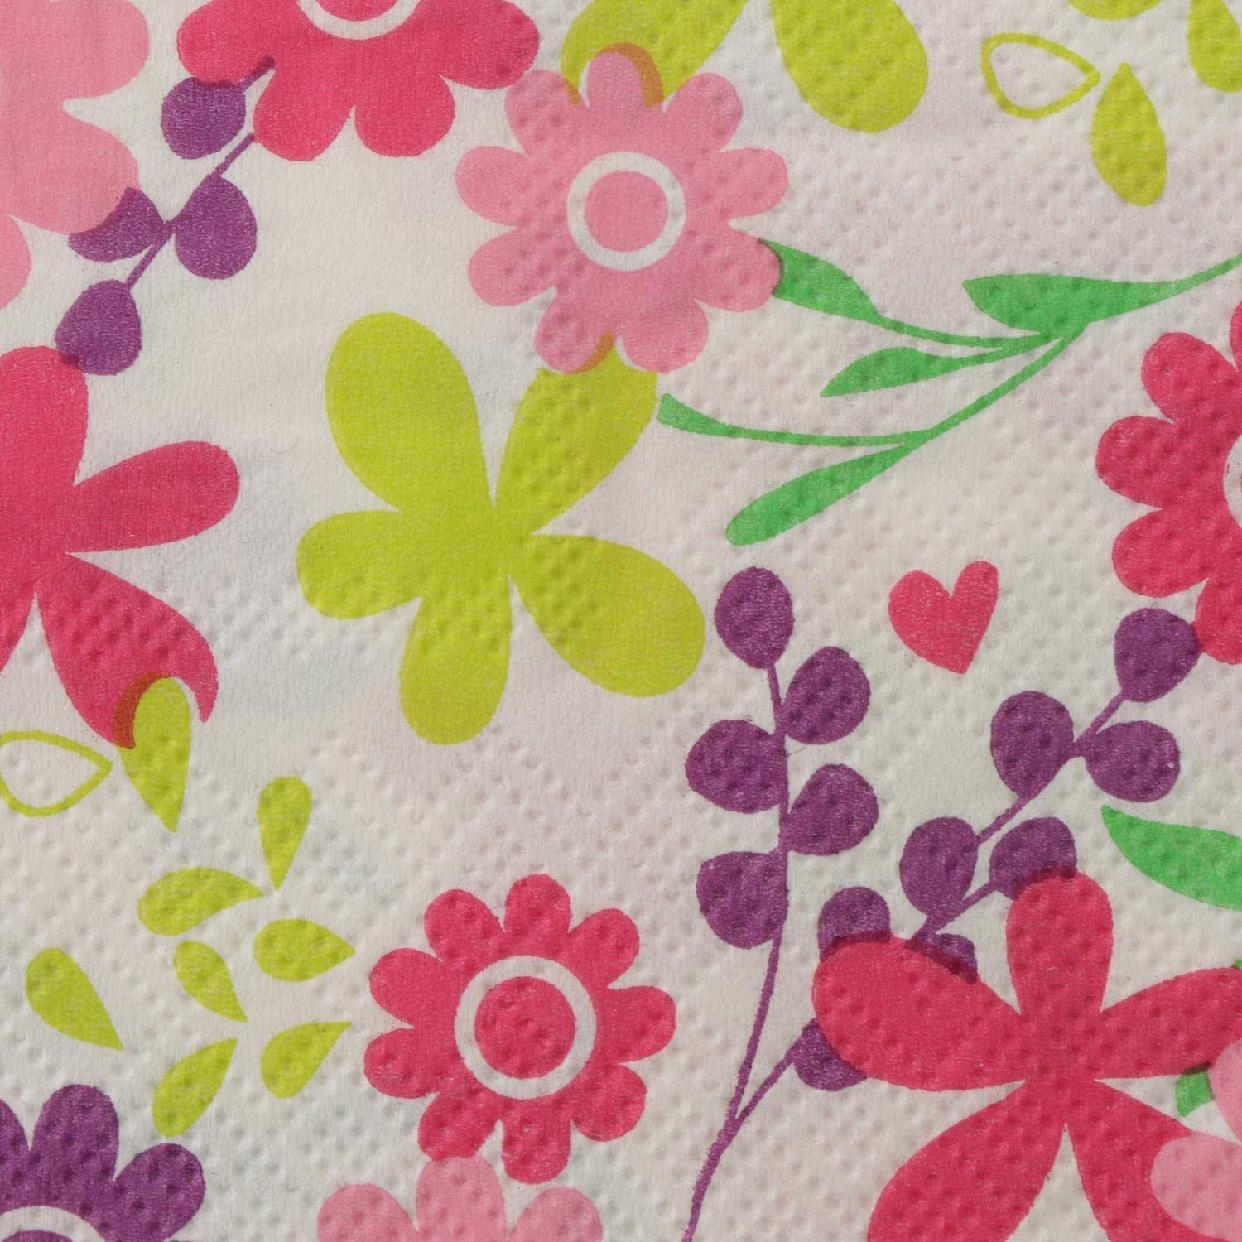 STRIX DESIGN(ストリックスデザイン) 紙ナプキン フラワースタイルの商品画像7